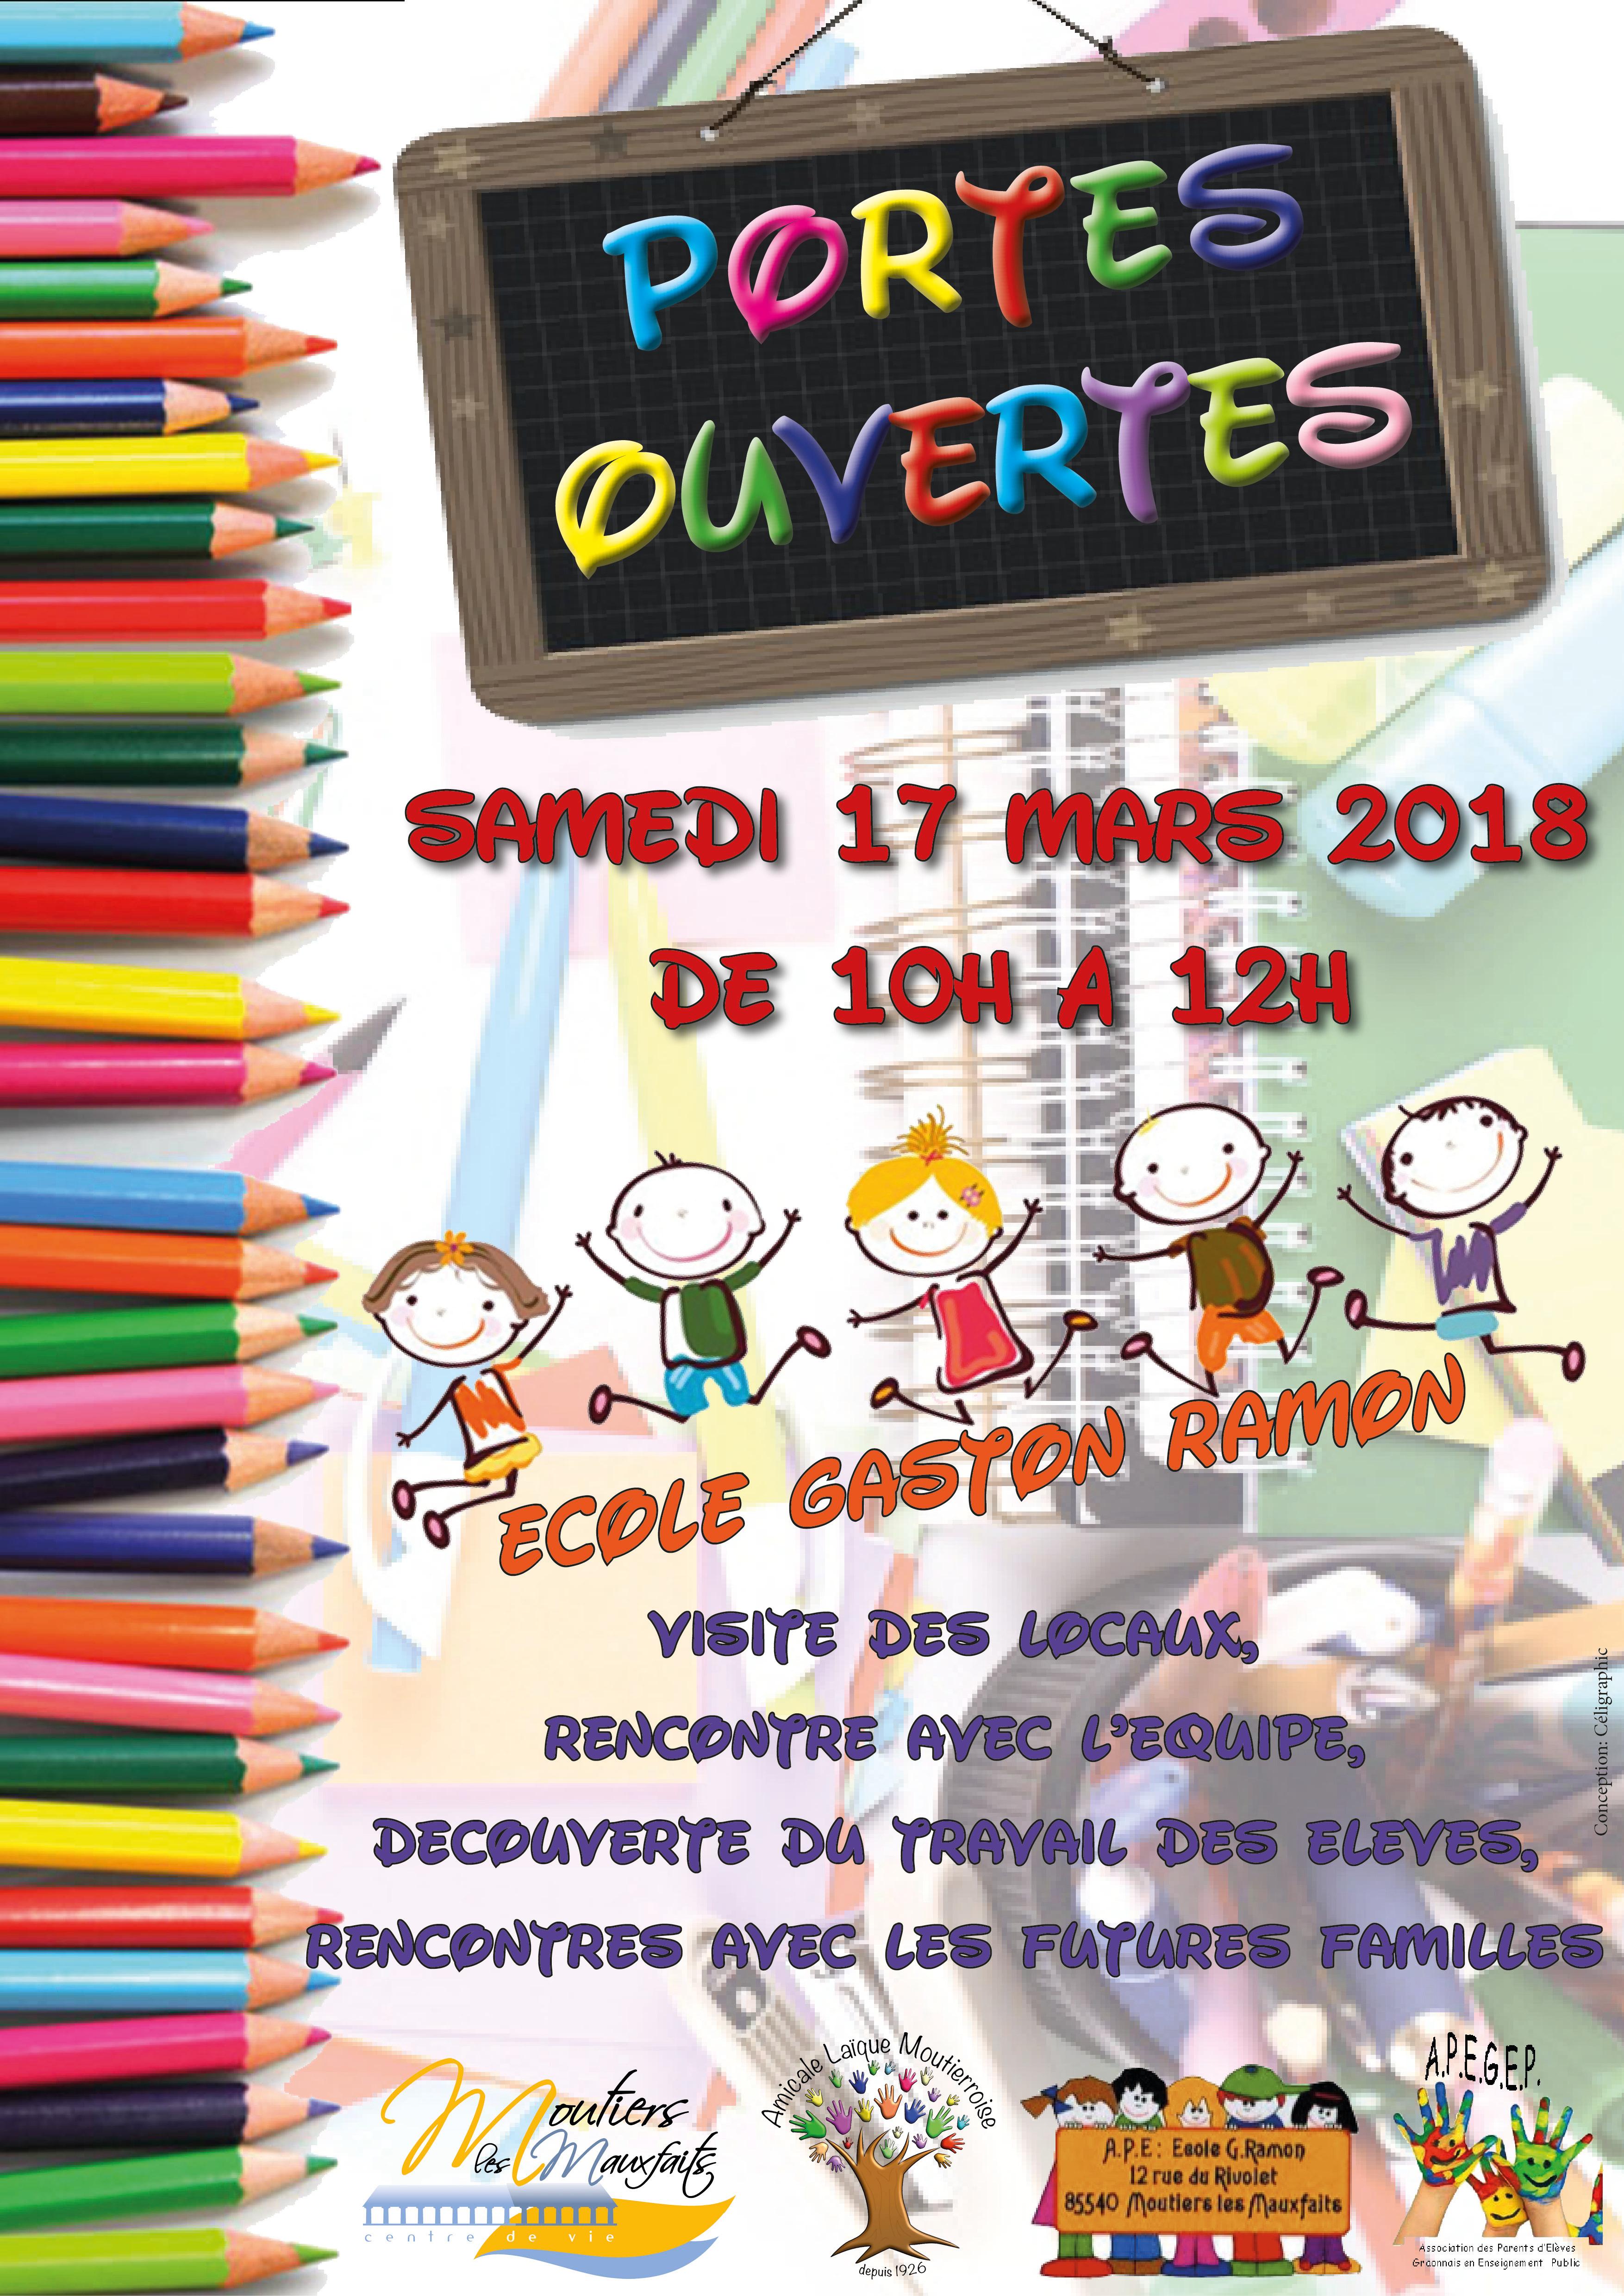 Portes ouvertes école Gaston Ramon